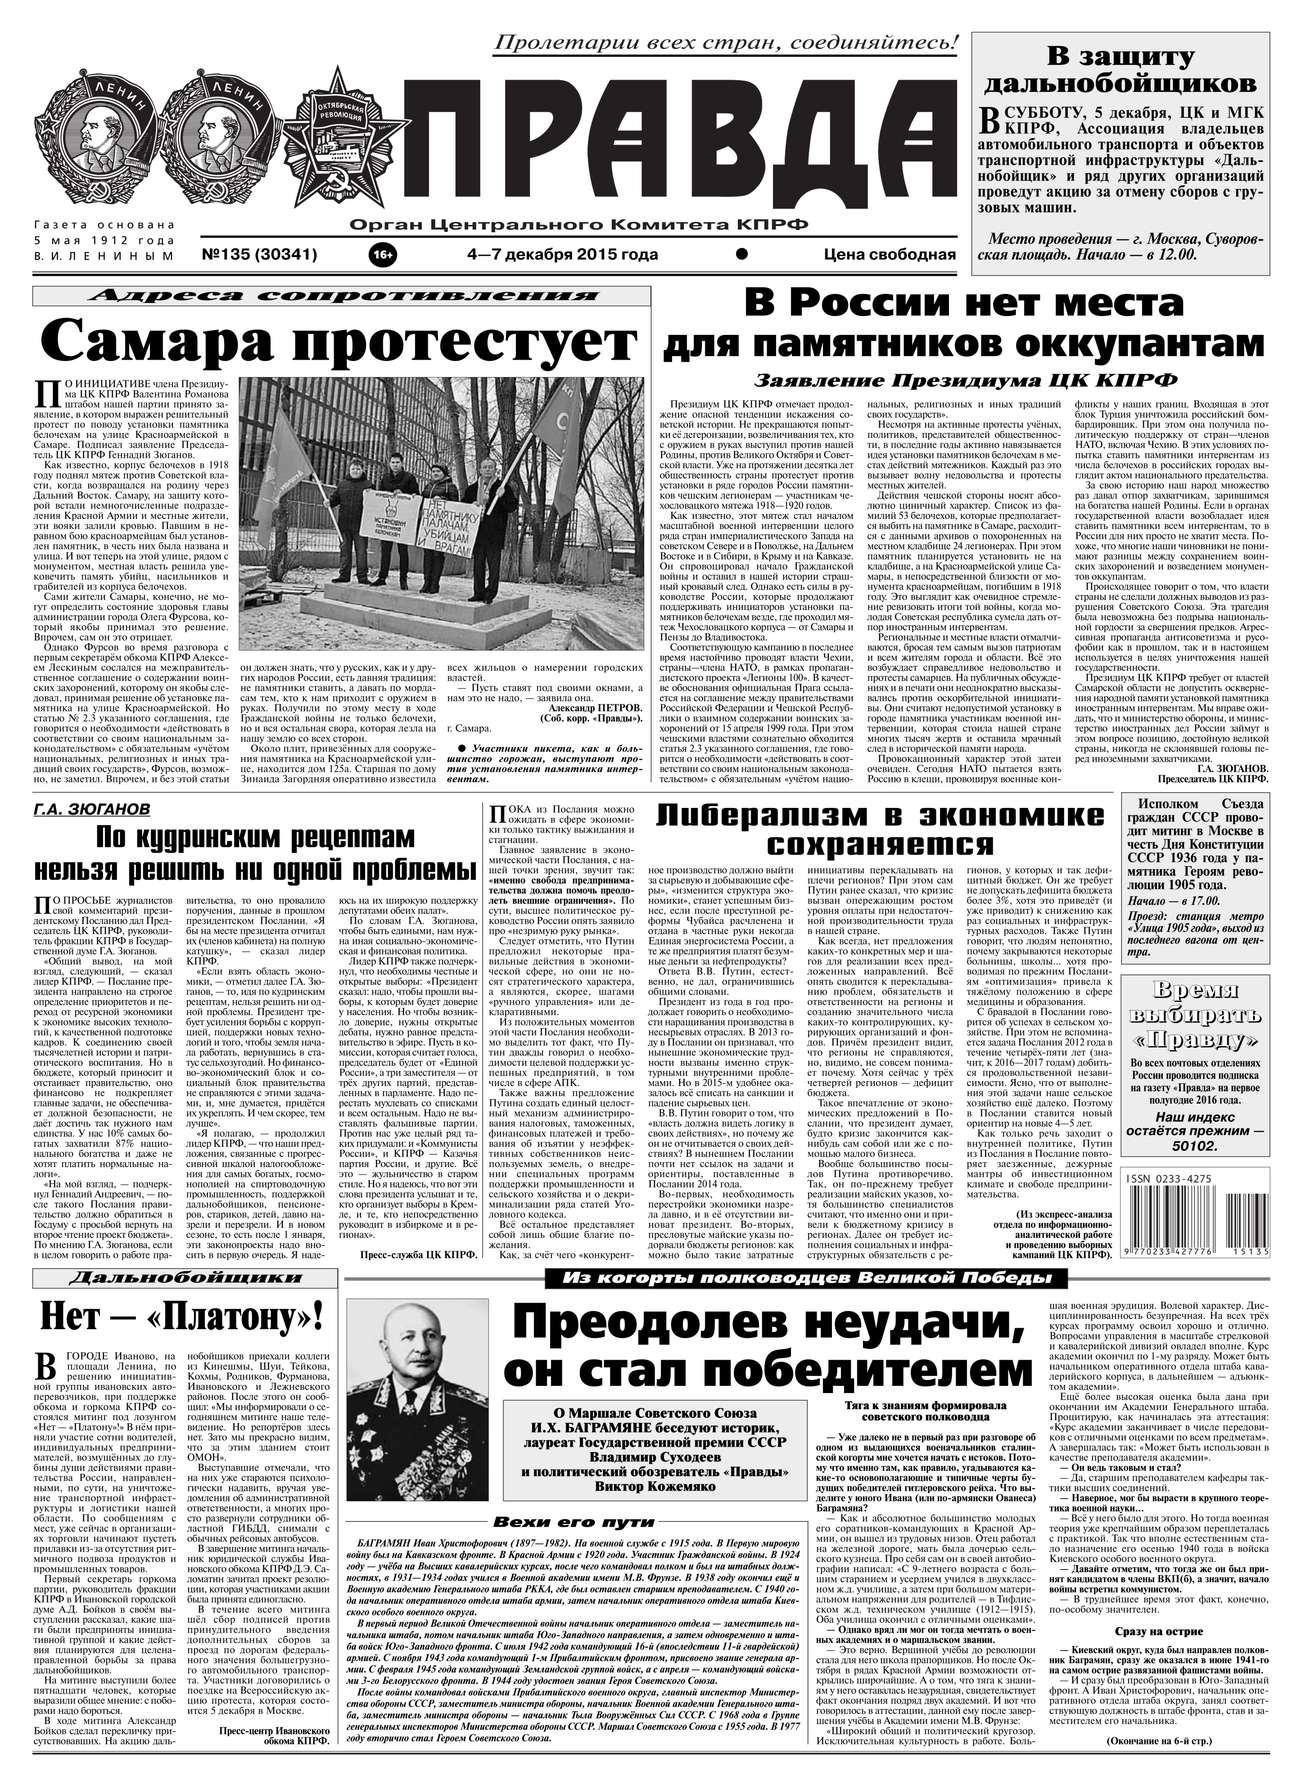 Редакция газеты Правда Правда 135-2015 серебряный подвес ювелирное изделие 34163